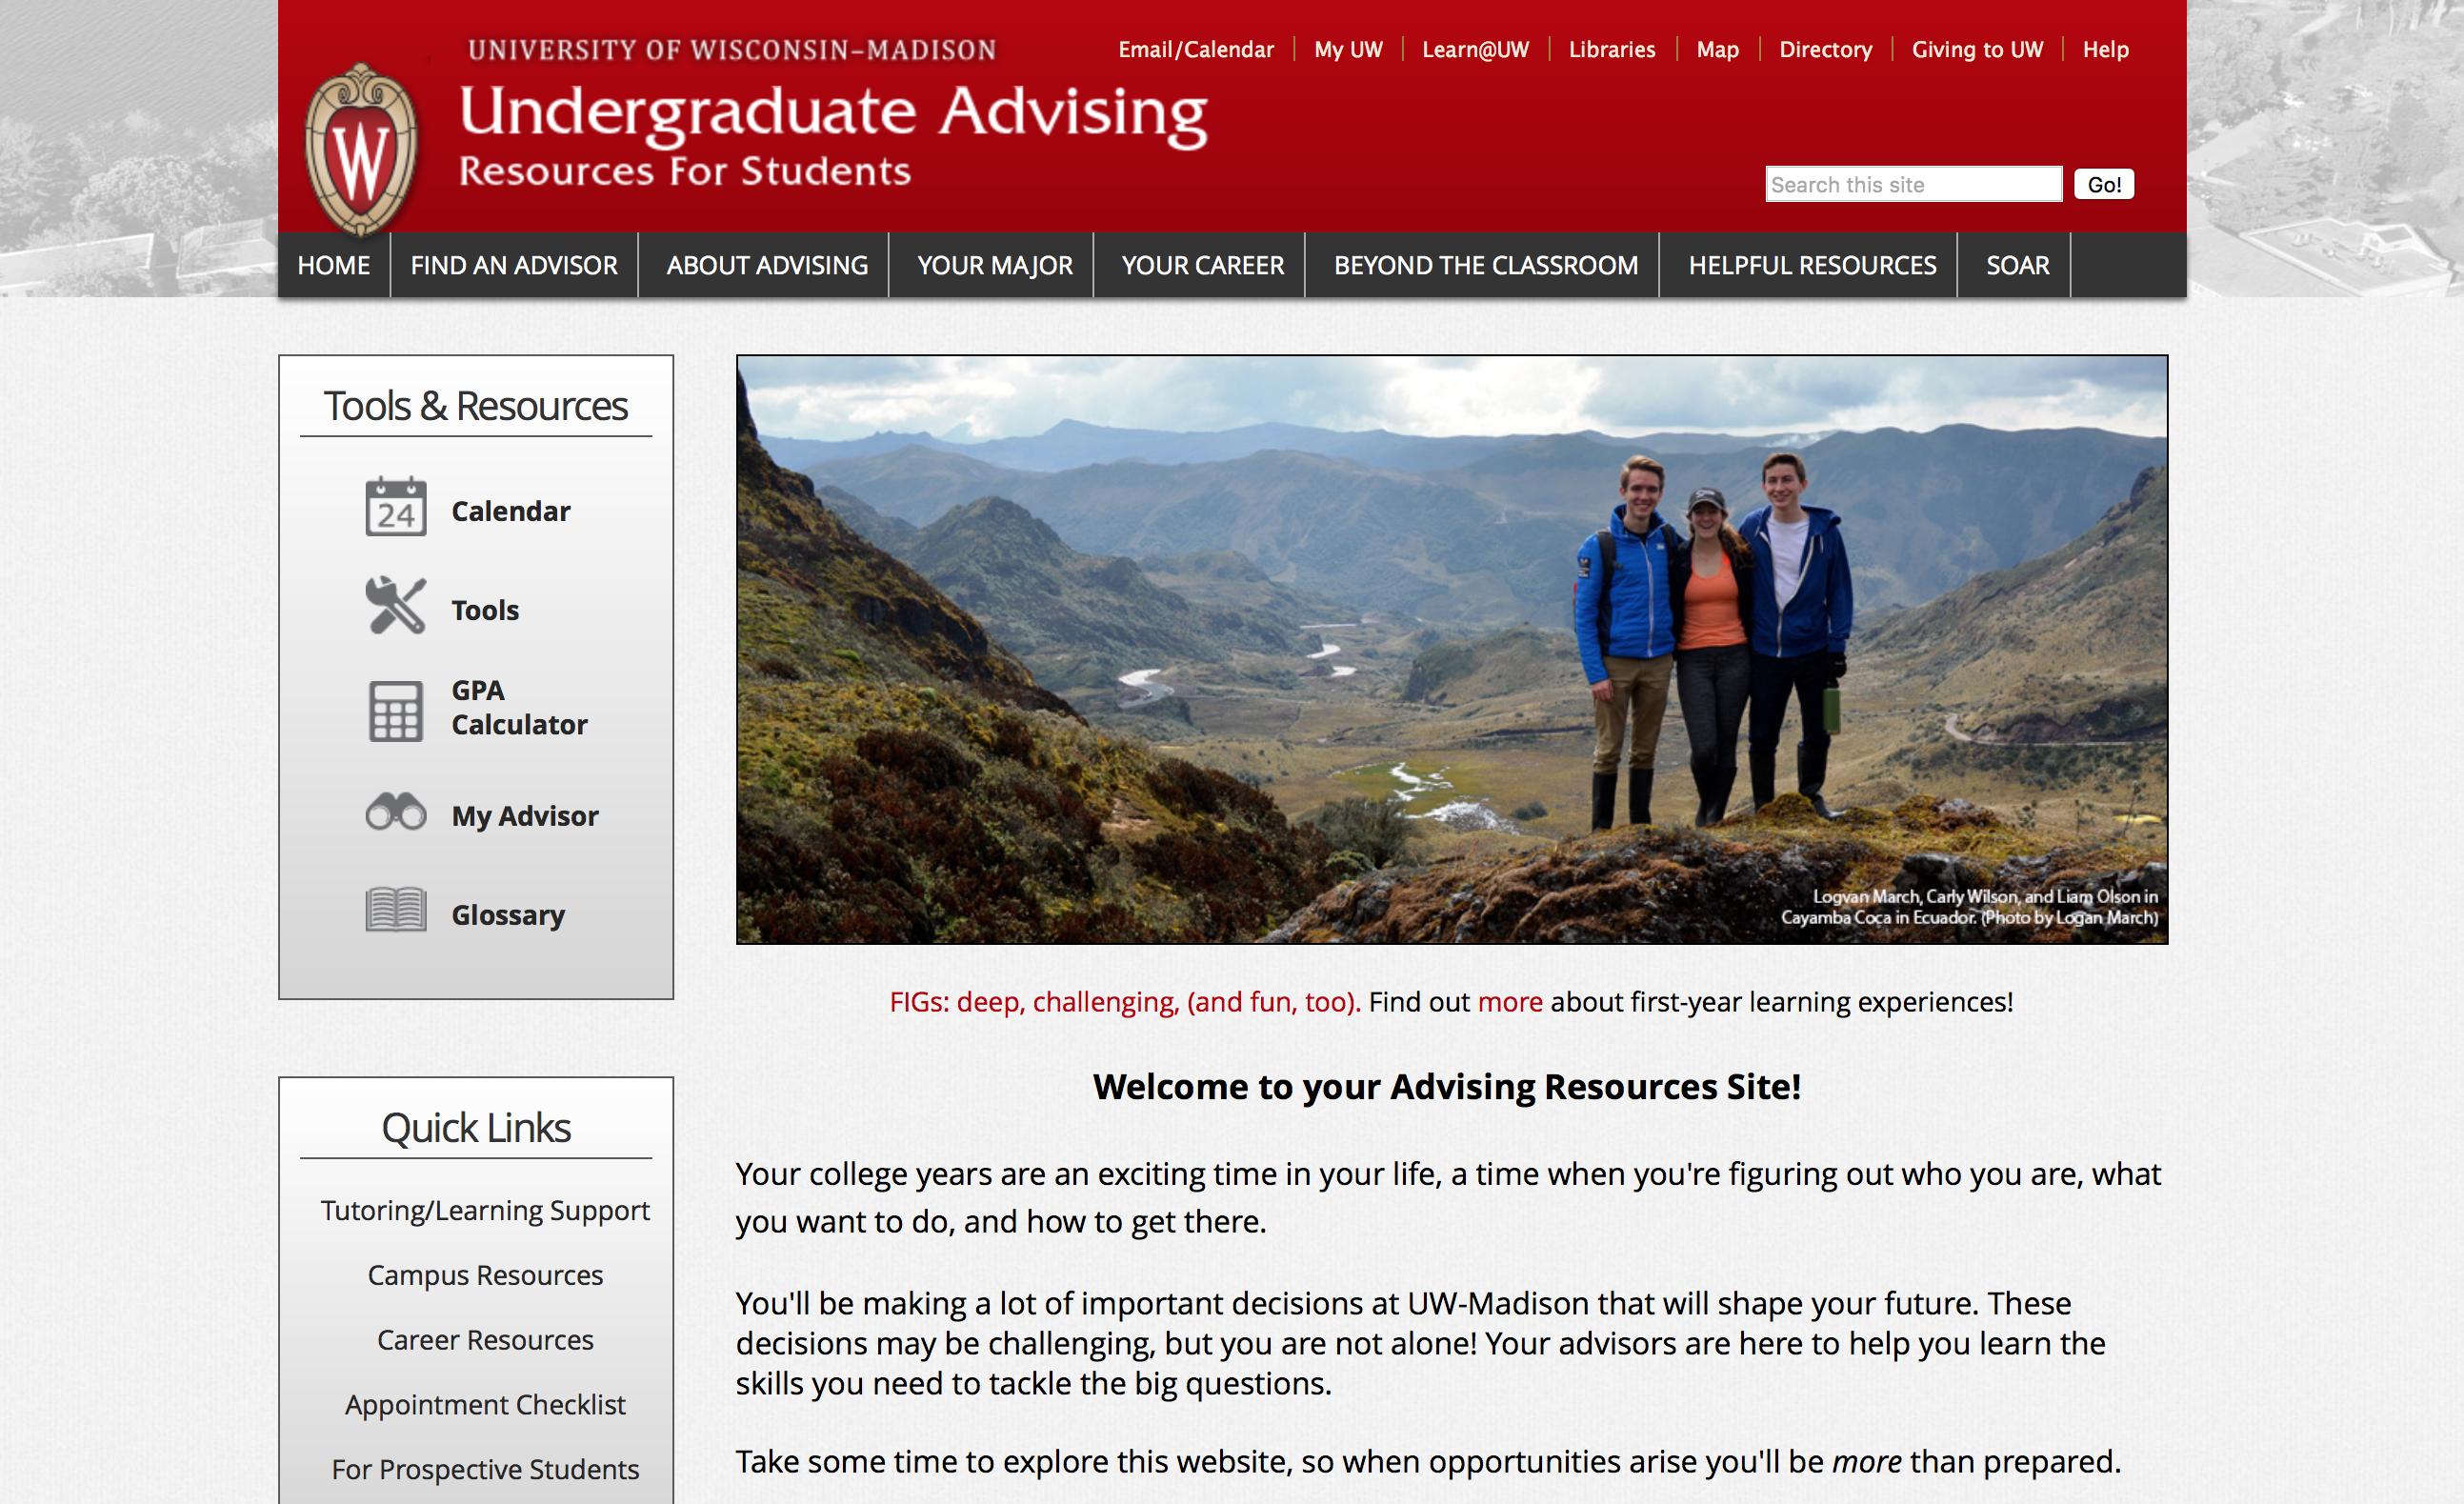 Undergraduate Advising Web Site